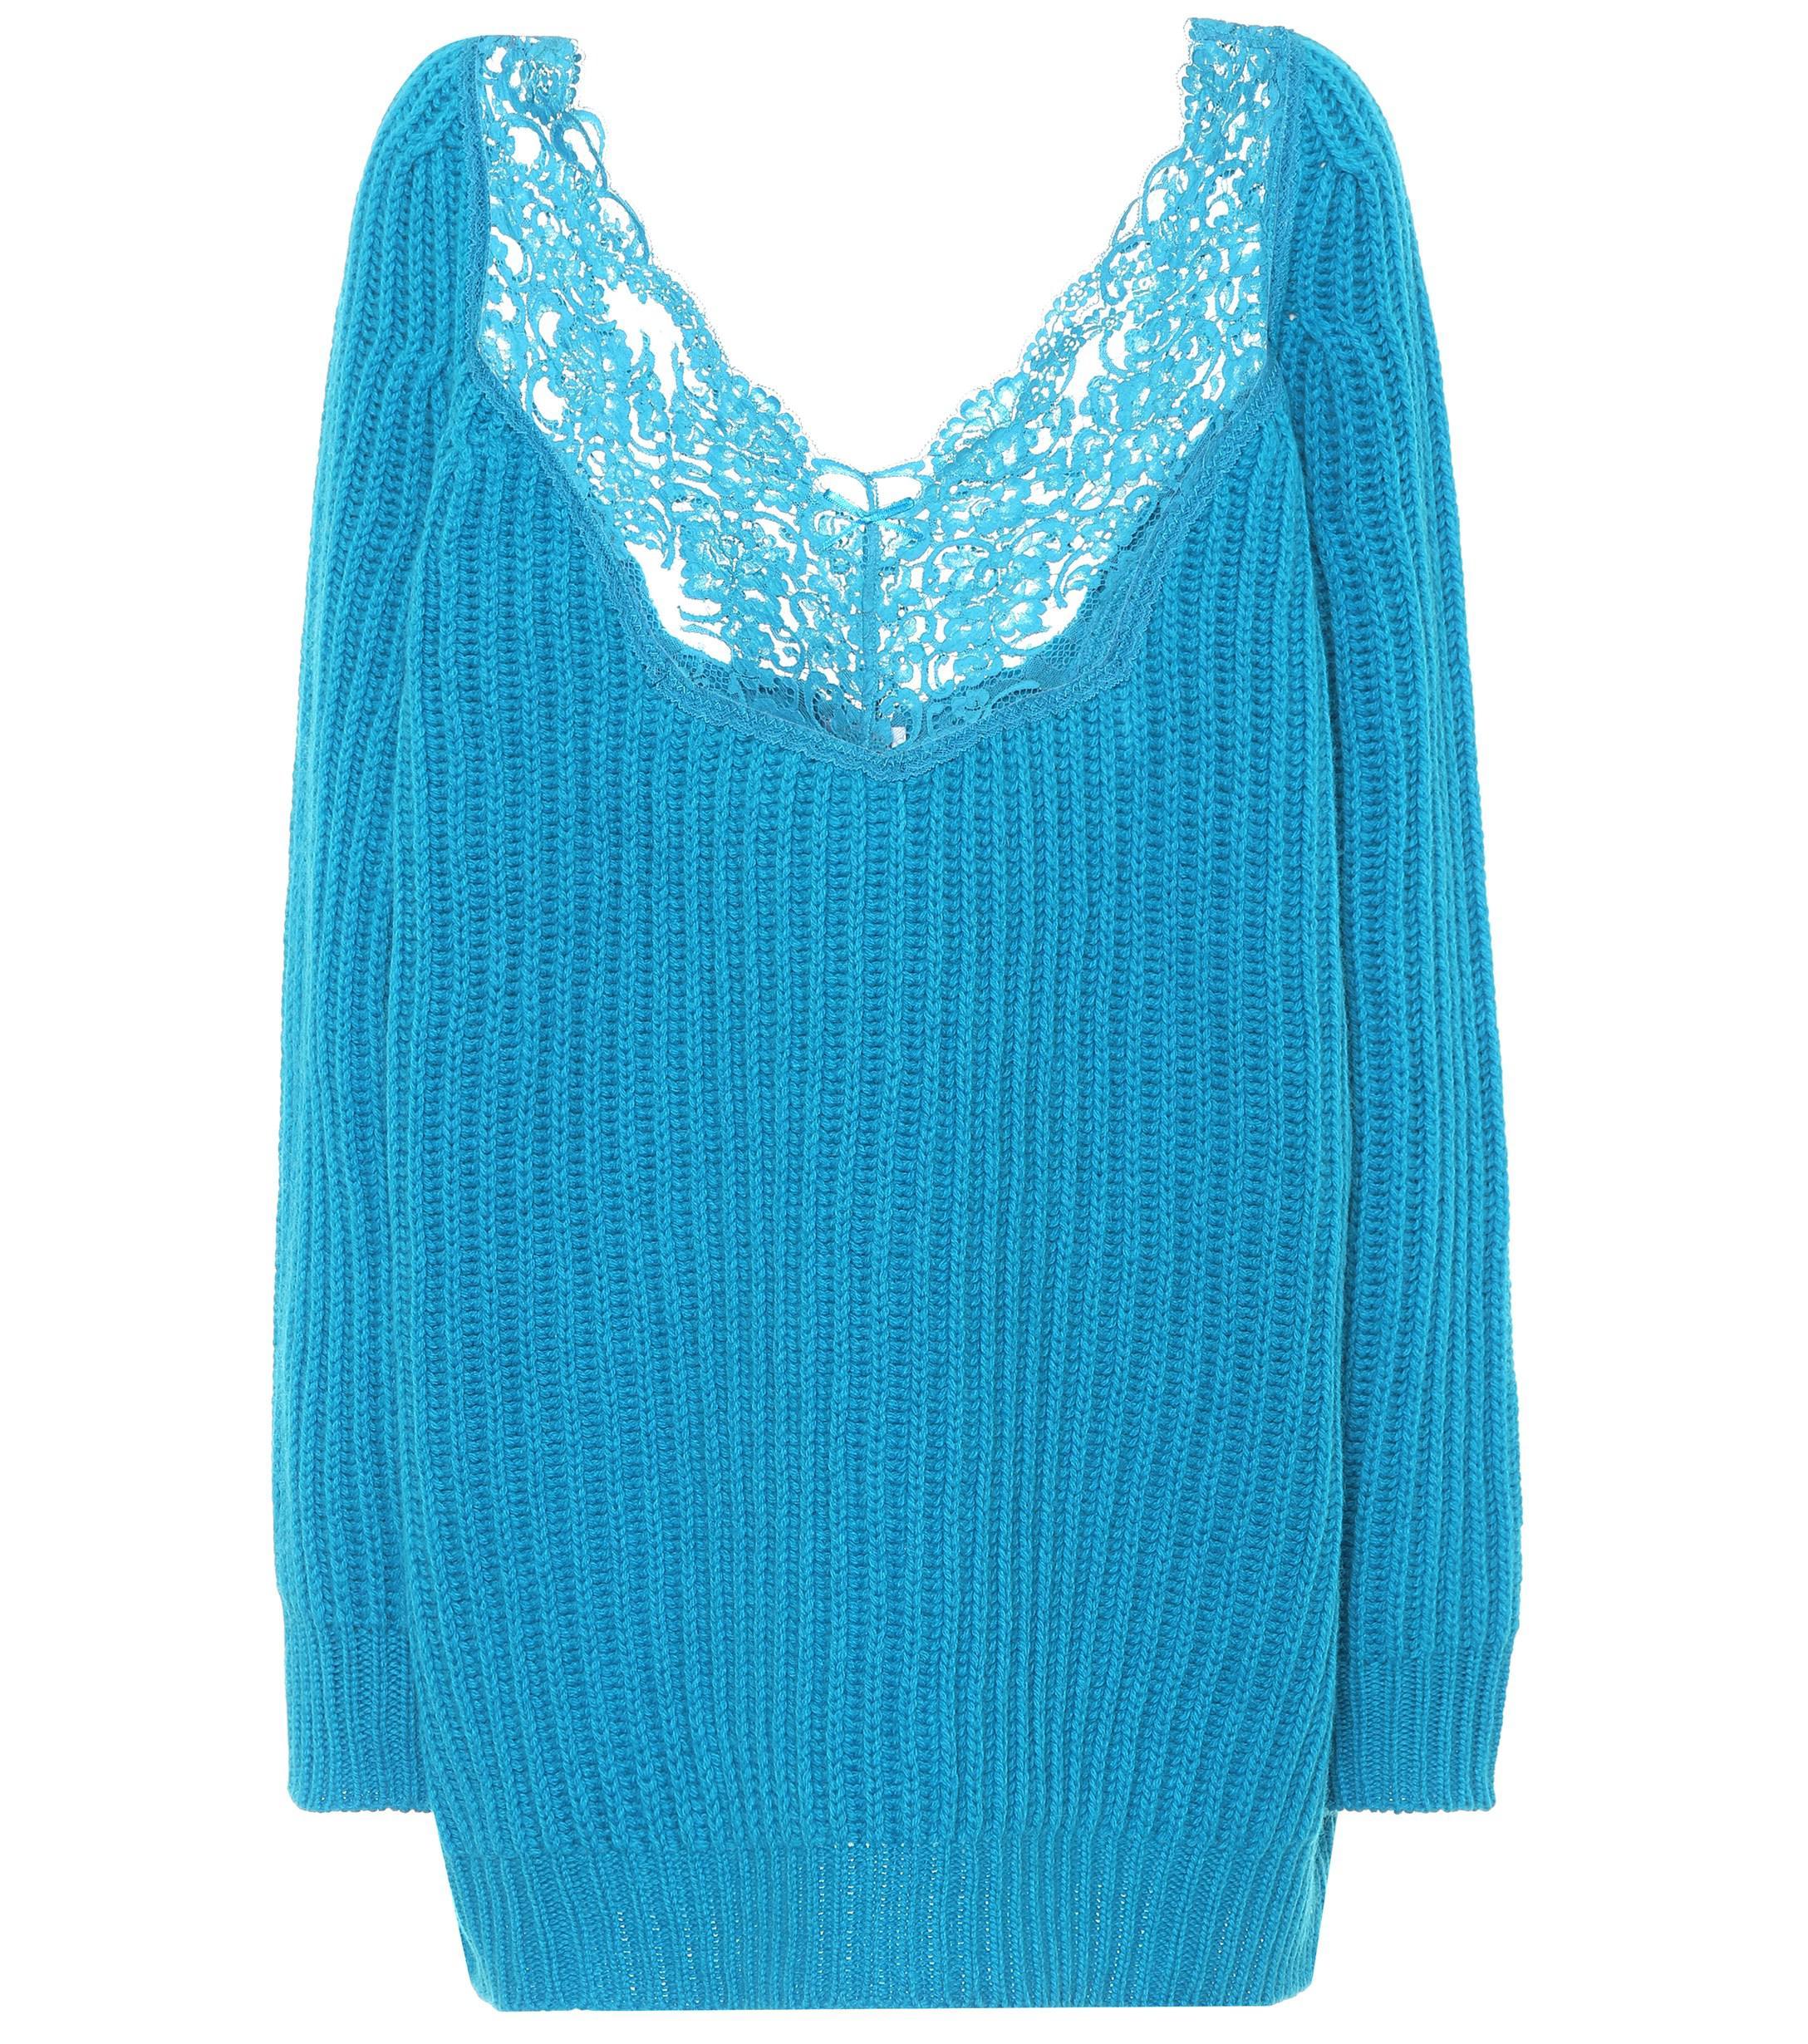 Balenciaga Lace-trimmed Wool Sweater in Blue - Lyst 510b472de